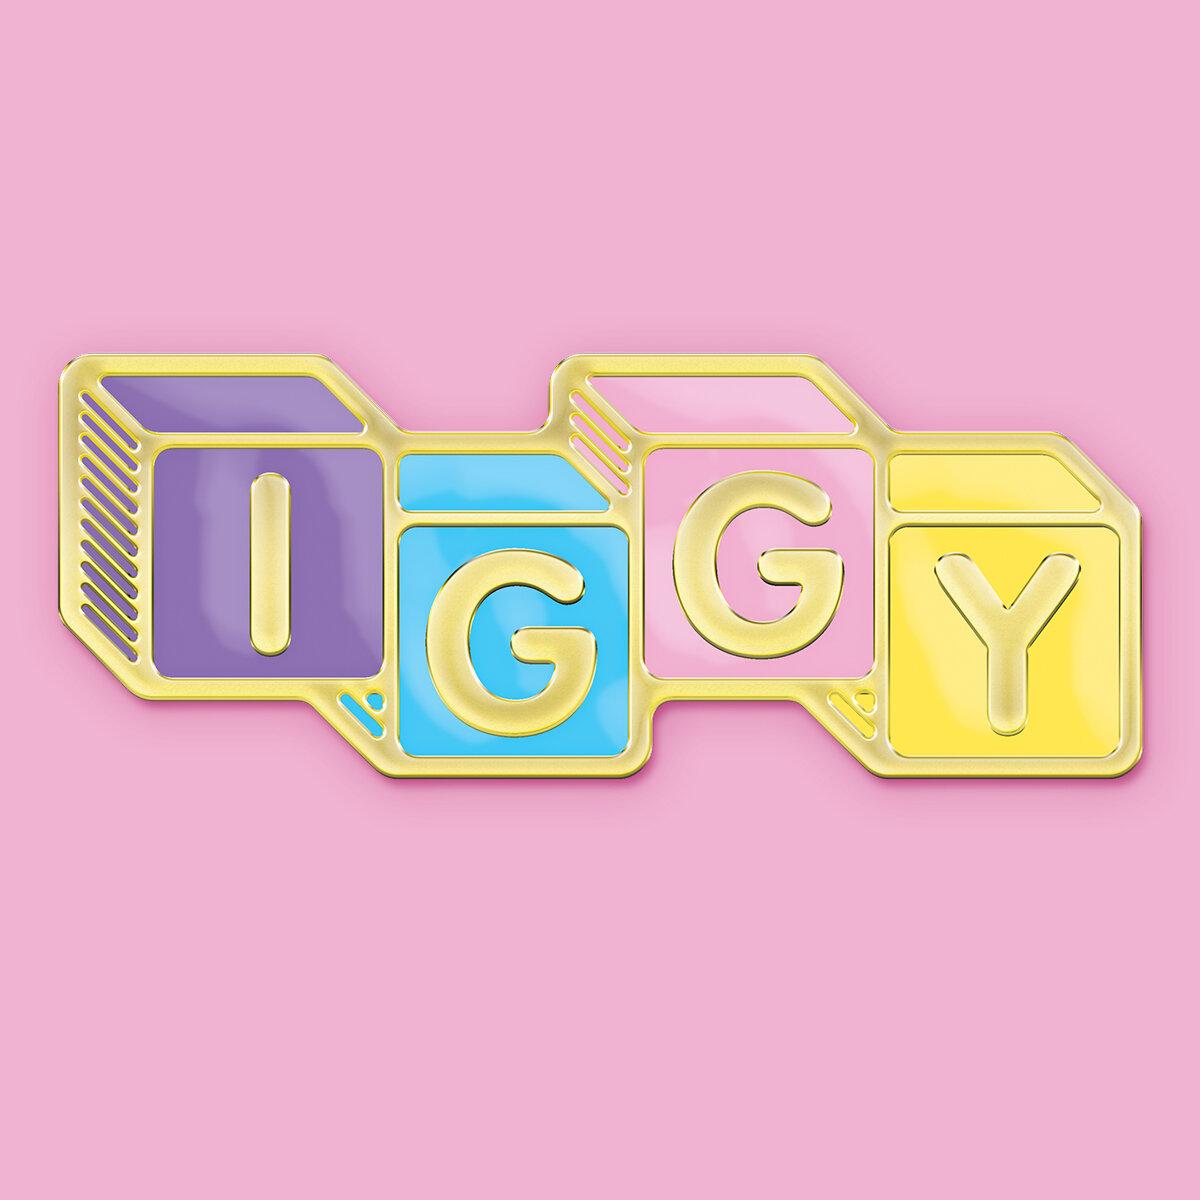 iggy_3.jpg